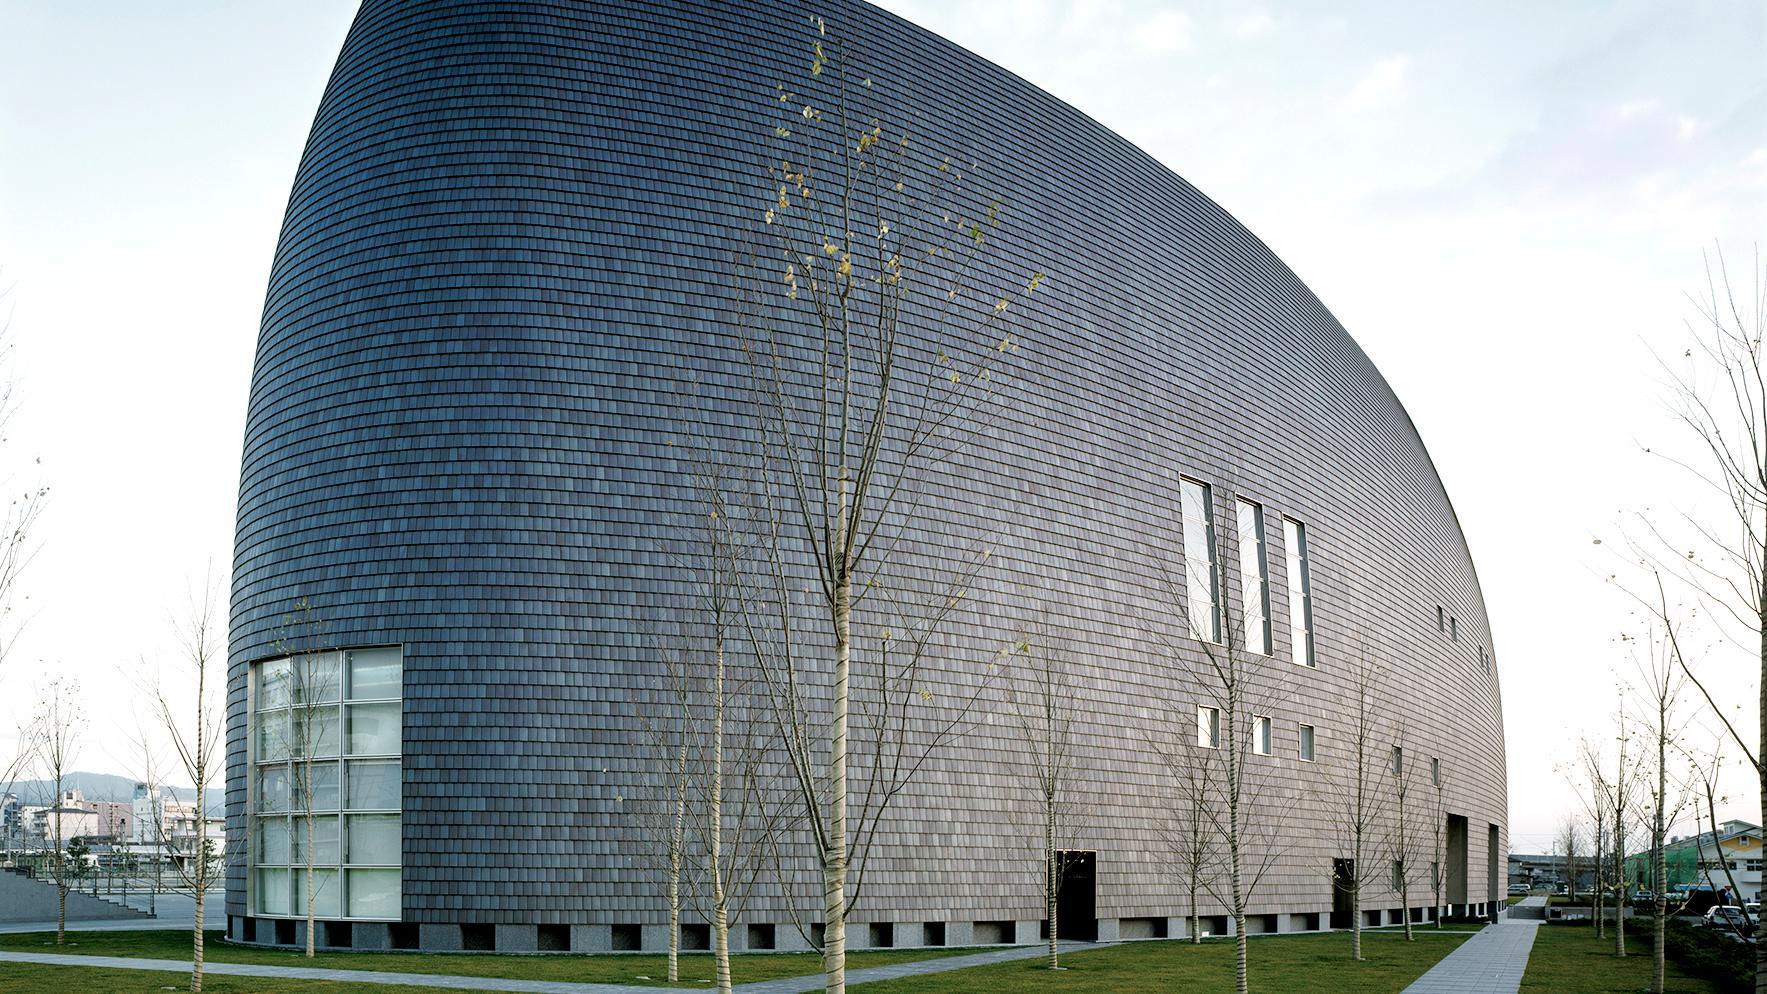 Centennial Hall im japanischen Nara (1992-1998)